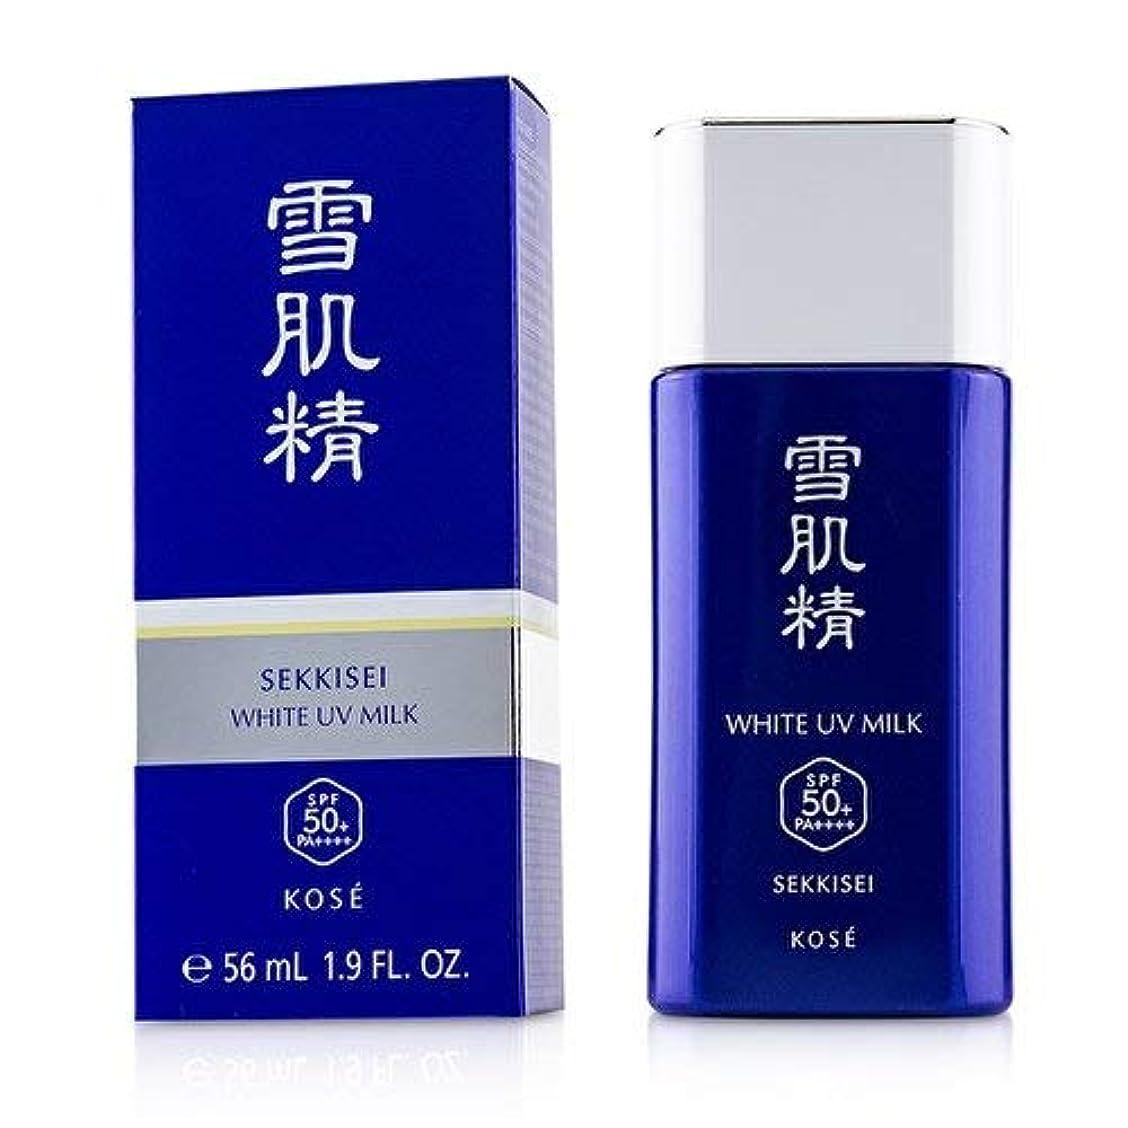 楽観アルネ鎮痛剤コーセー 雪肌精 ホワイト UV ミルク SPF50+/PA++++ 60g